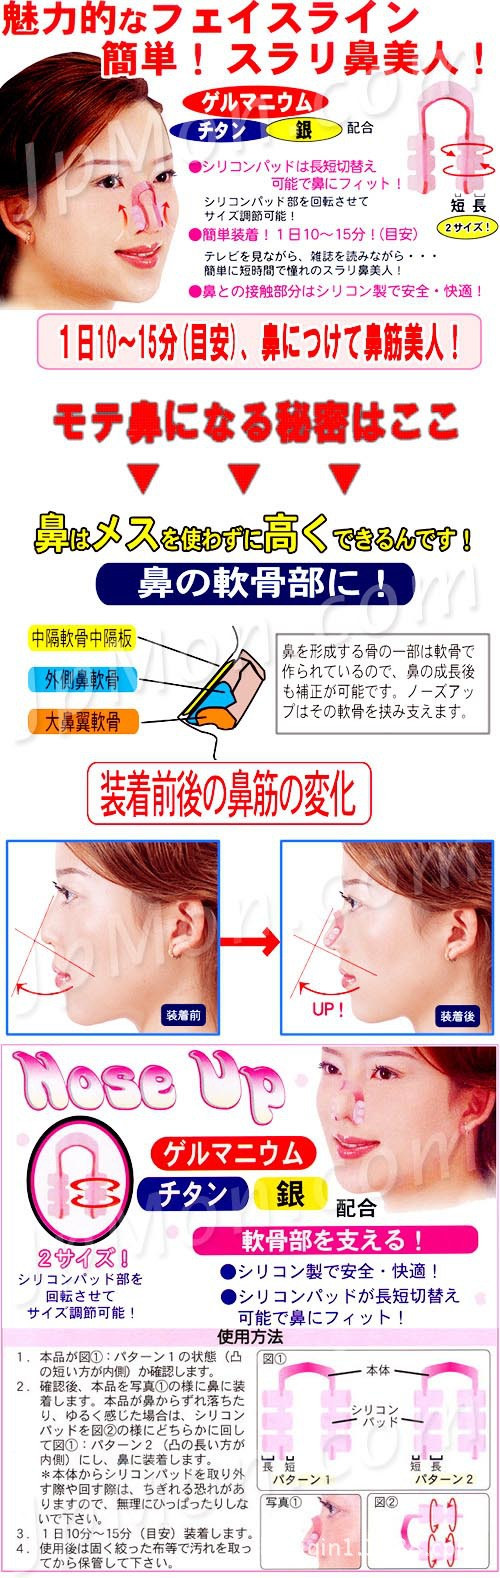 Dụng cụ nâng mũi